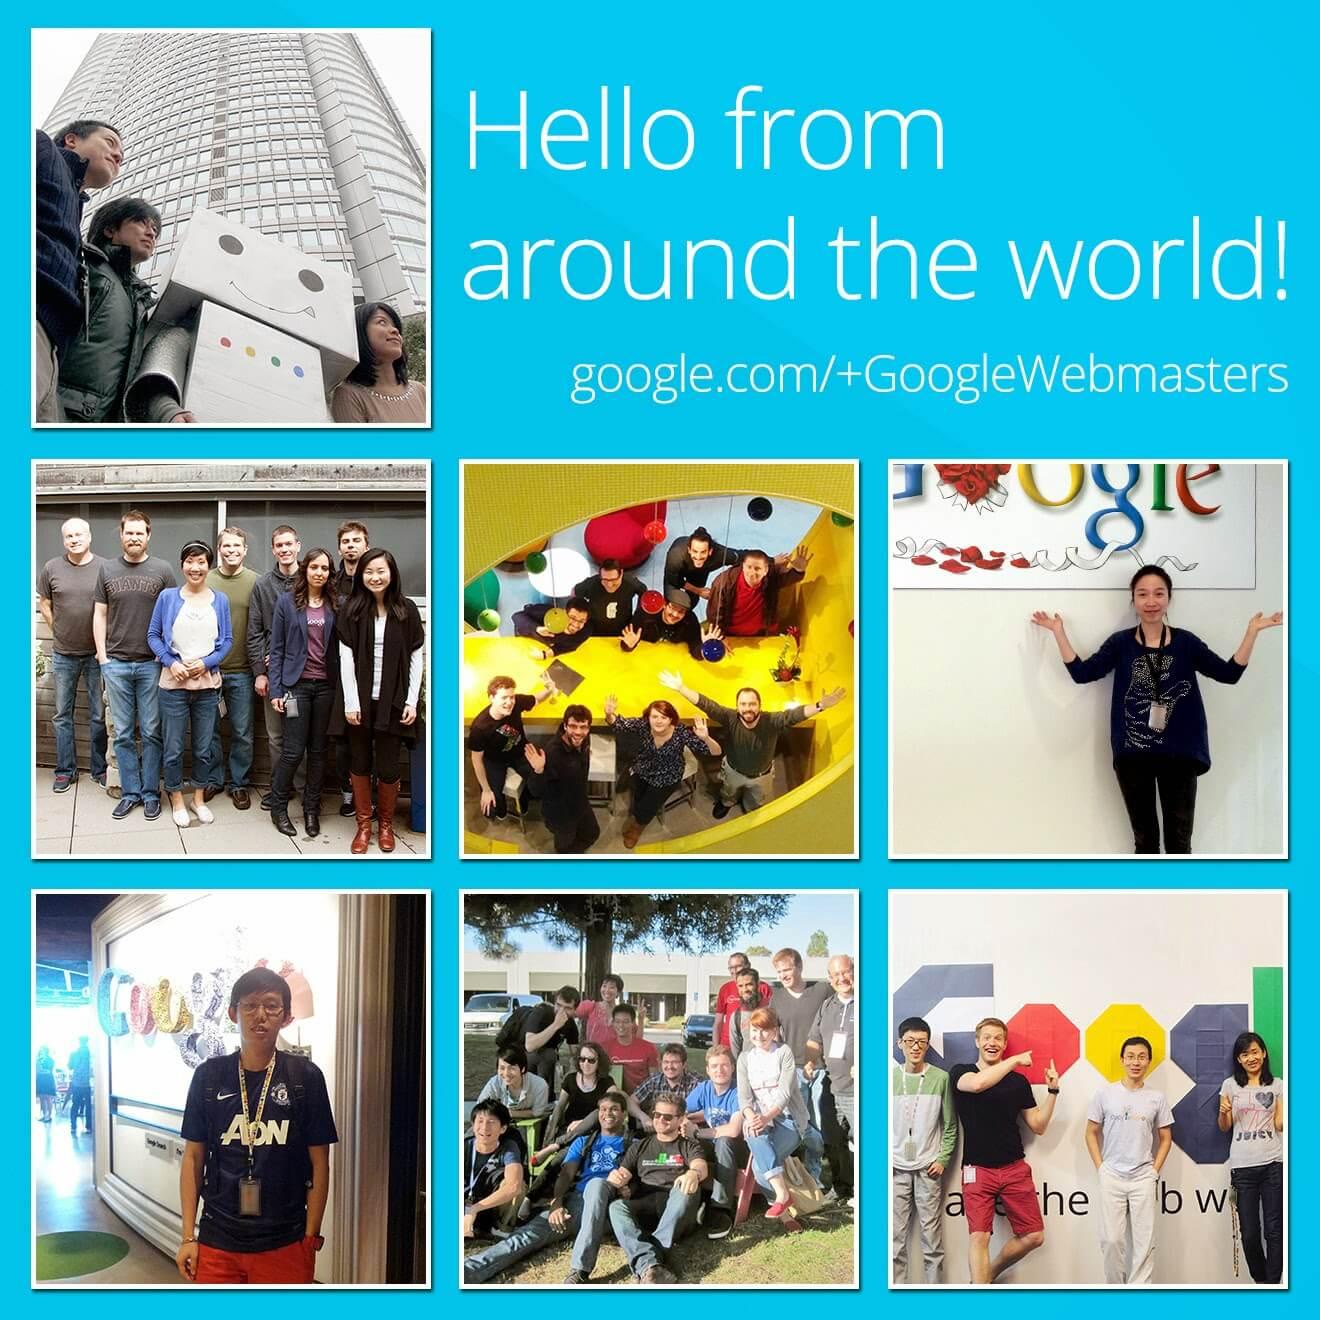 معرفی صفحه Google + جهانی برای مدیران وب